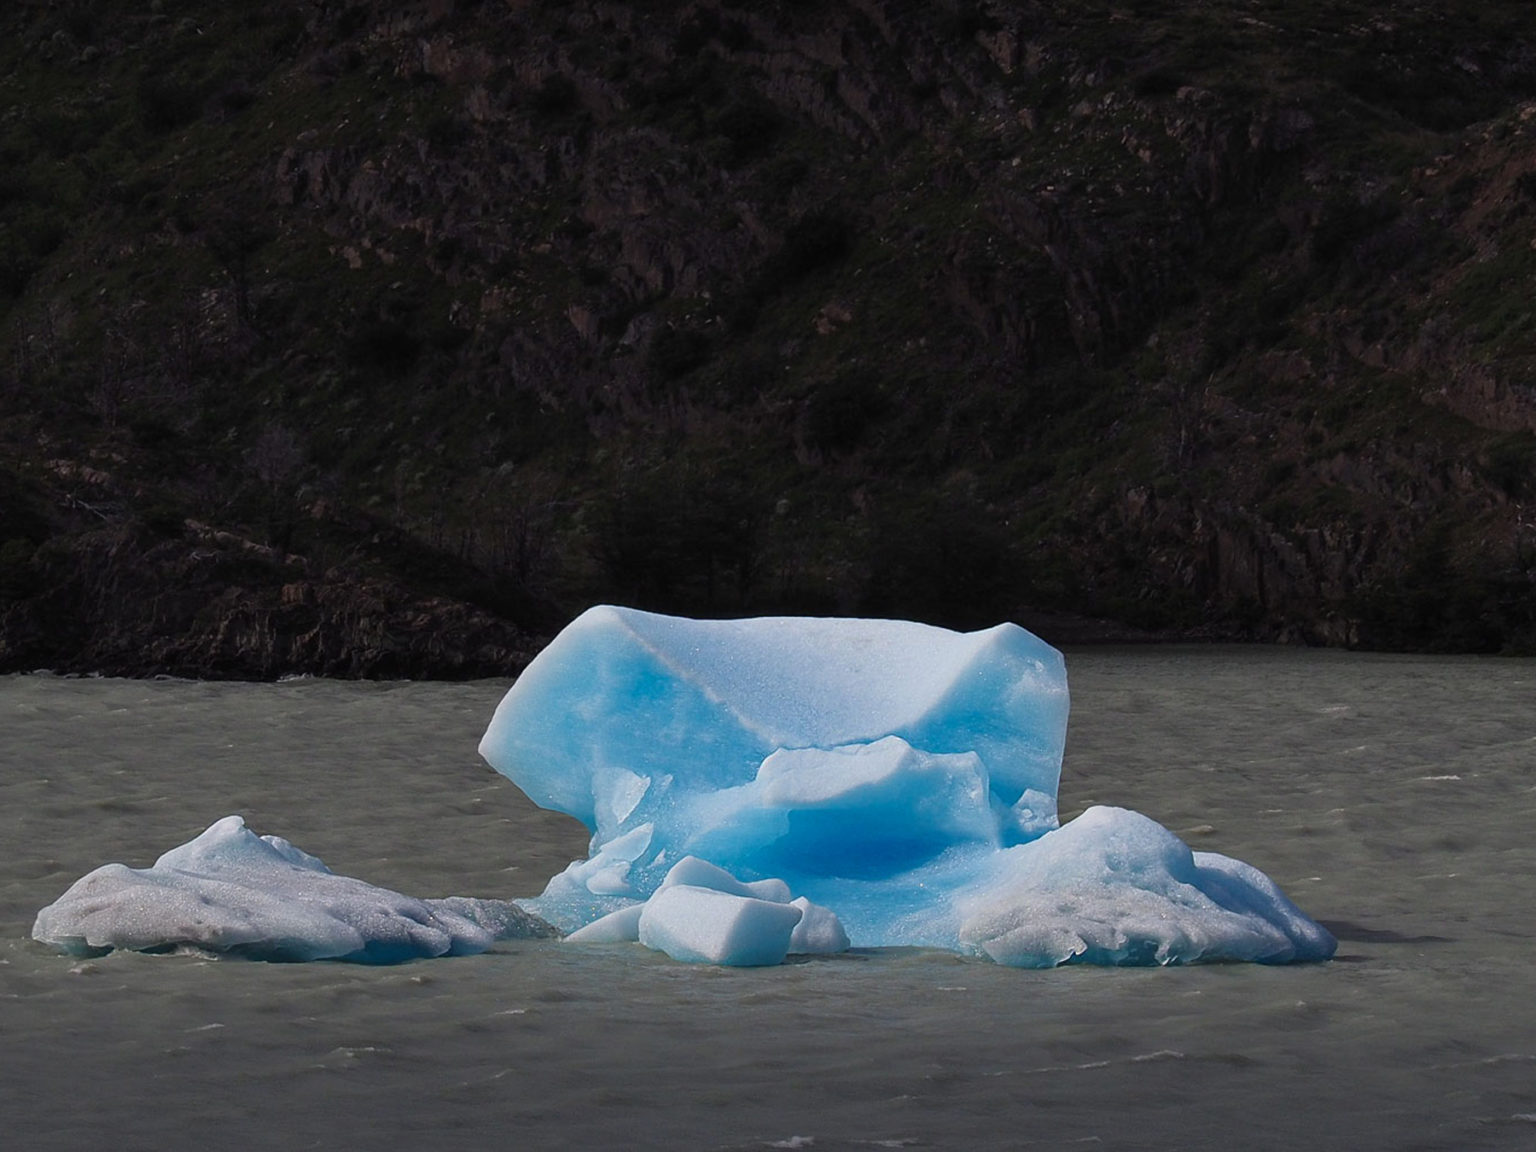 Erstaunlich blau ist der kleine Eisberg